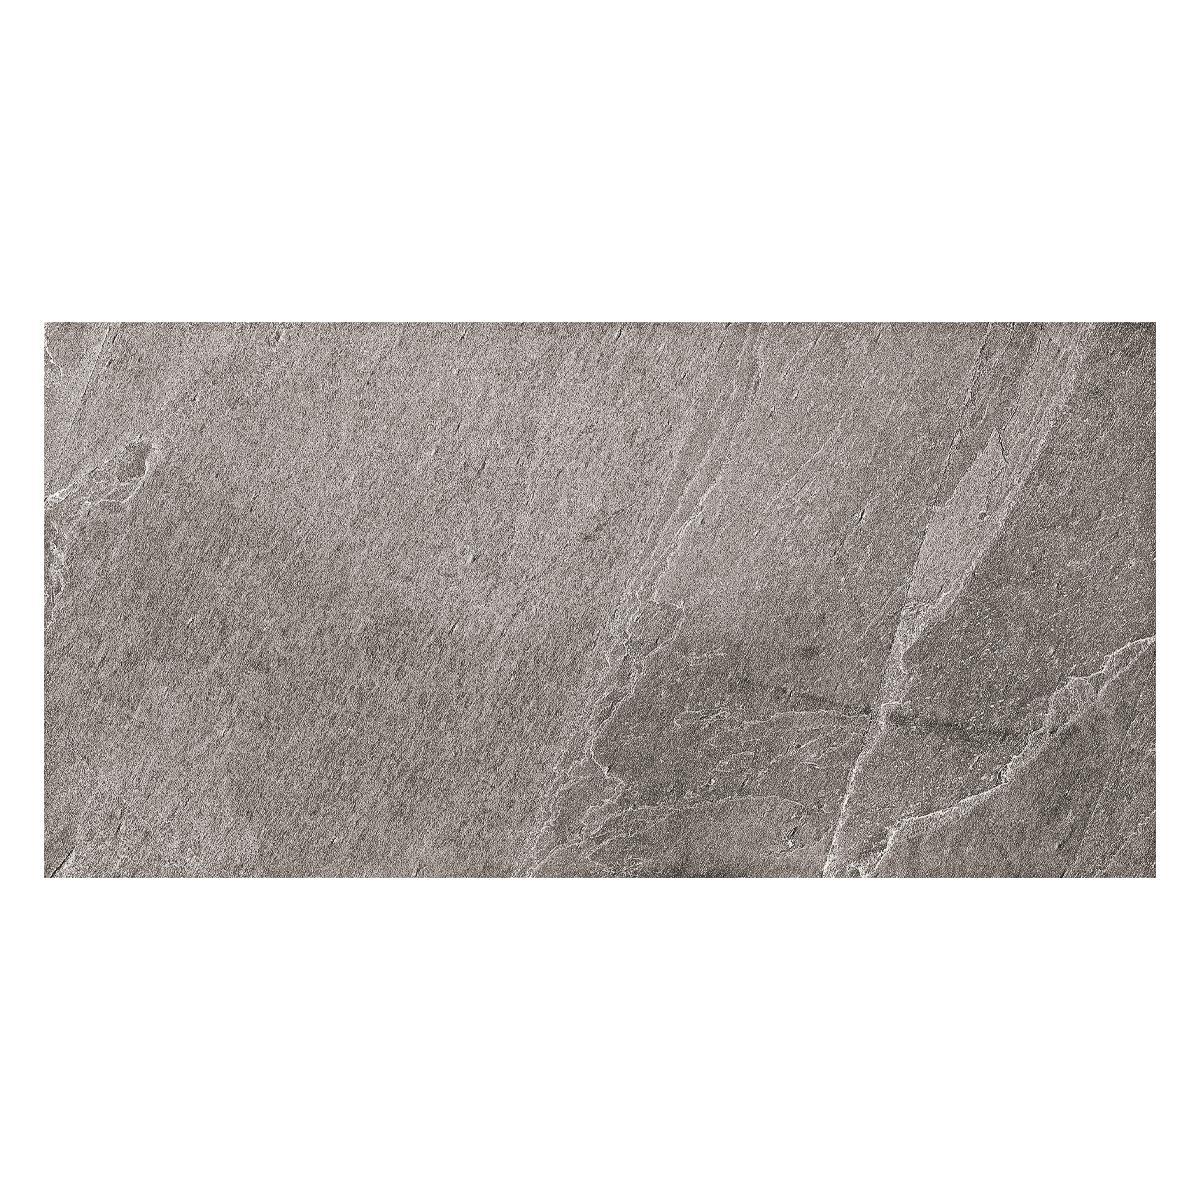 Porcelanato X Rock Gris Mate - 60X120 cm - 1.44 m2